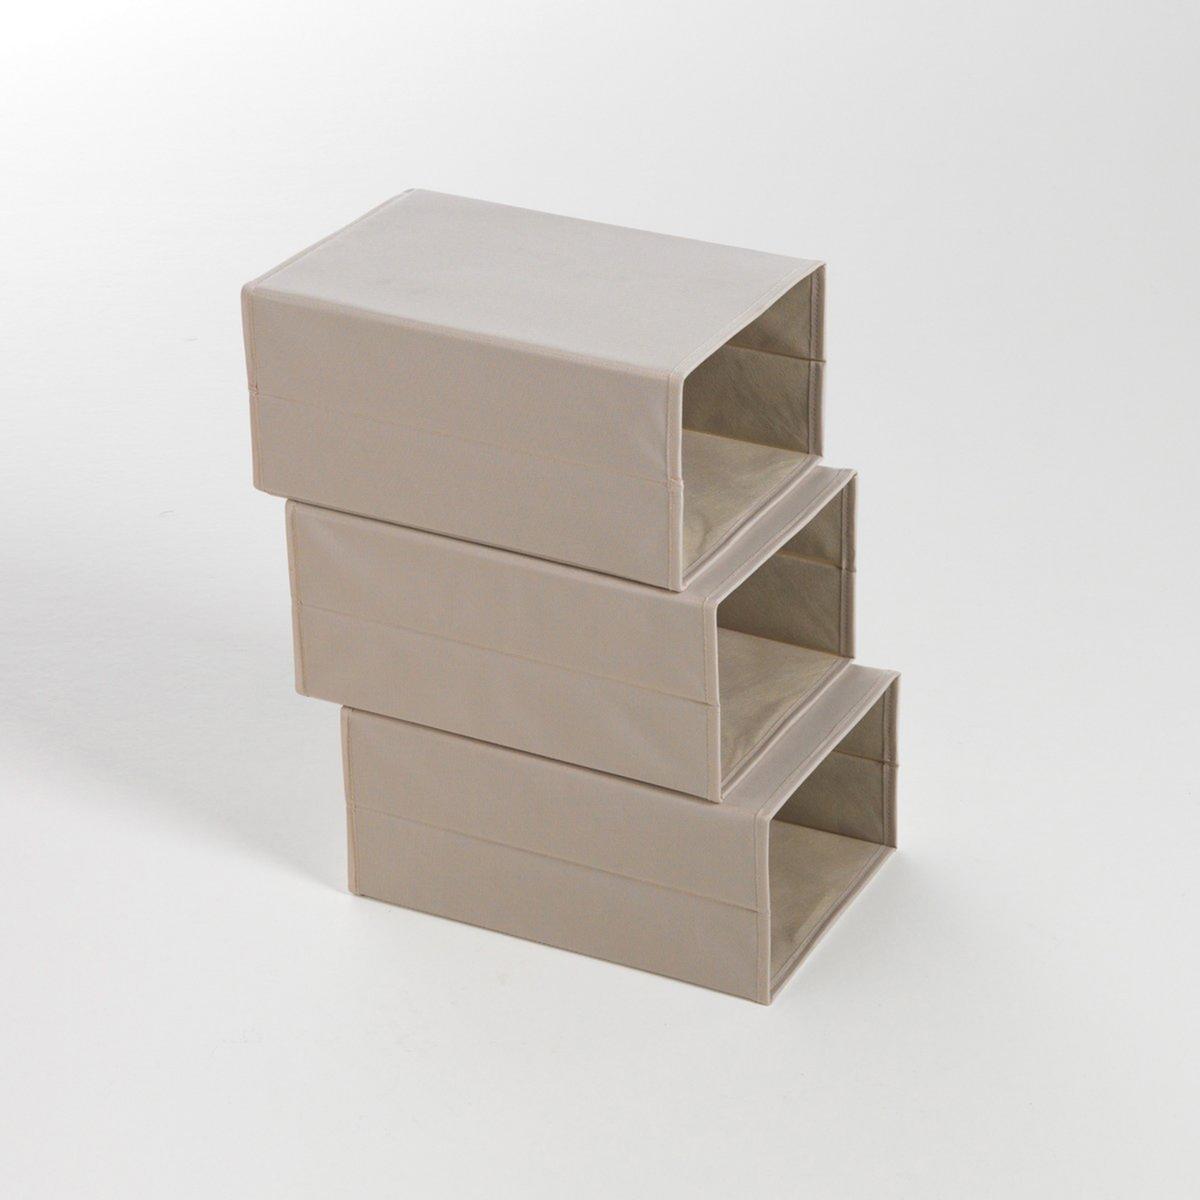 Комплект из 2 складных коробок для хранения обувиКоробки для хранения вещей незаменимы для наведения порядка и защиты Вашей обуви. Можно устанавливать друг на друга для экономии пространства в шкафу.Характеристики коробки для хранения вещей :- Из твердого картона, покрытого полиэстером, цвет экрю. Описание коробки для хранения вещей :- Складывающаяся для легкого хранения.- Открывается спереди для легкого доступа.Коробка поставляется готовой к сборке, инструкция прилагается.Размеры :  -  Ш.23,5 x В.16,5 x Г.35,5 см.<br><br>Цвет: серо-коричневый каштан